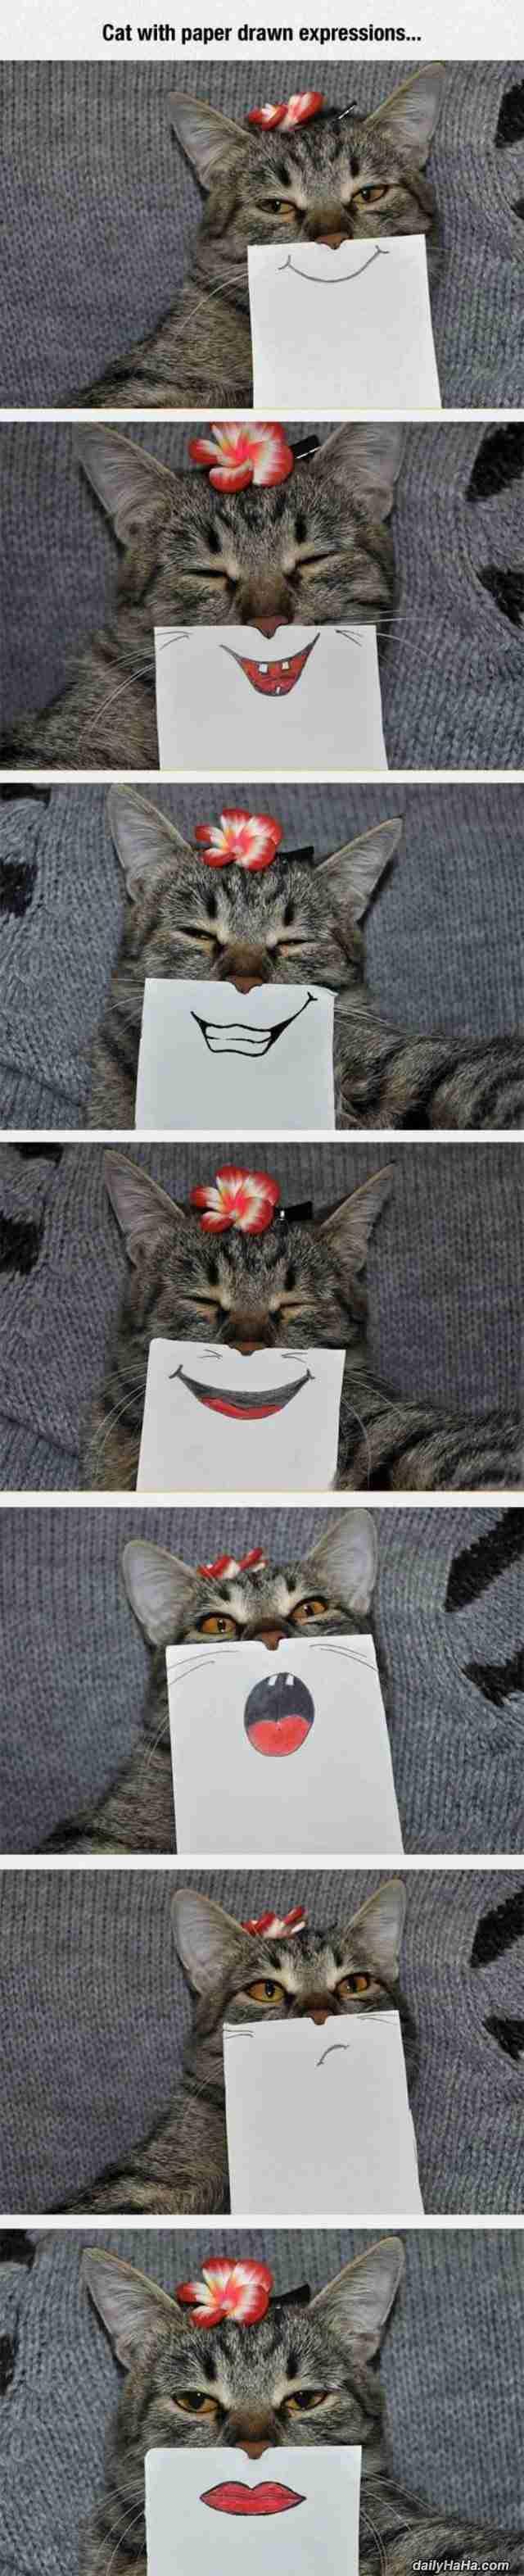 Αυτή είναι η γάτα με τα.. ωραιότερα χαμόγελα!!